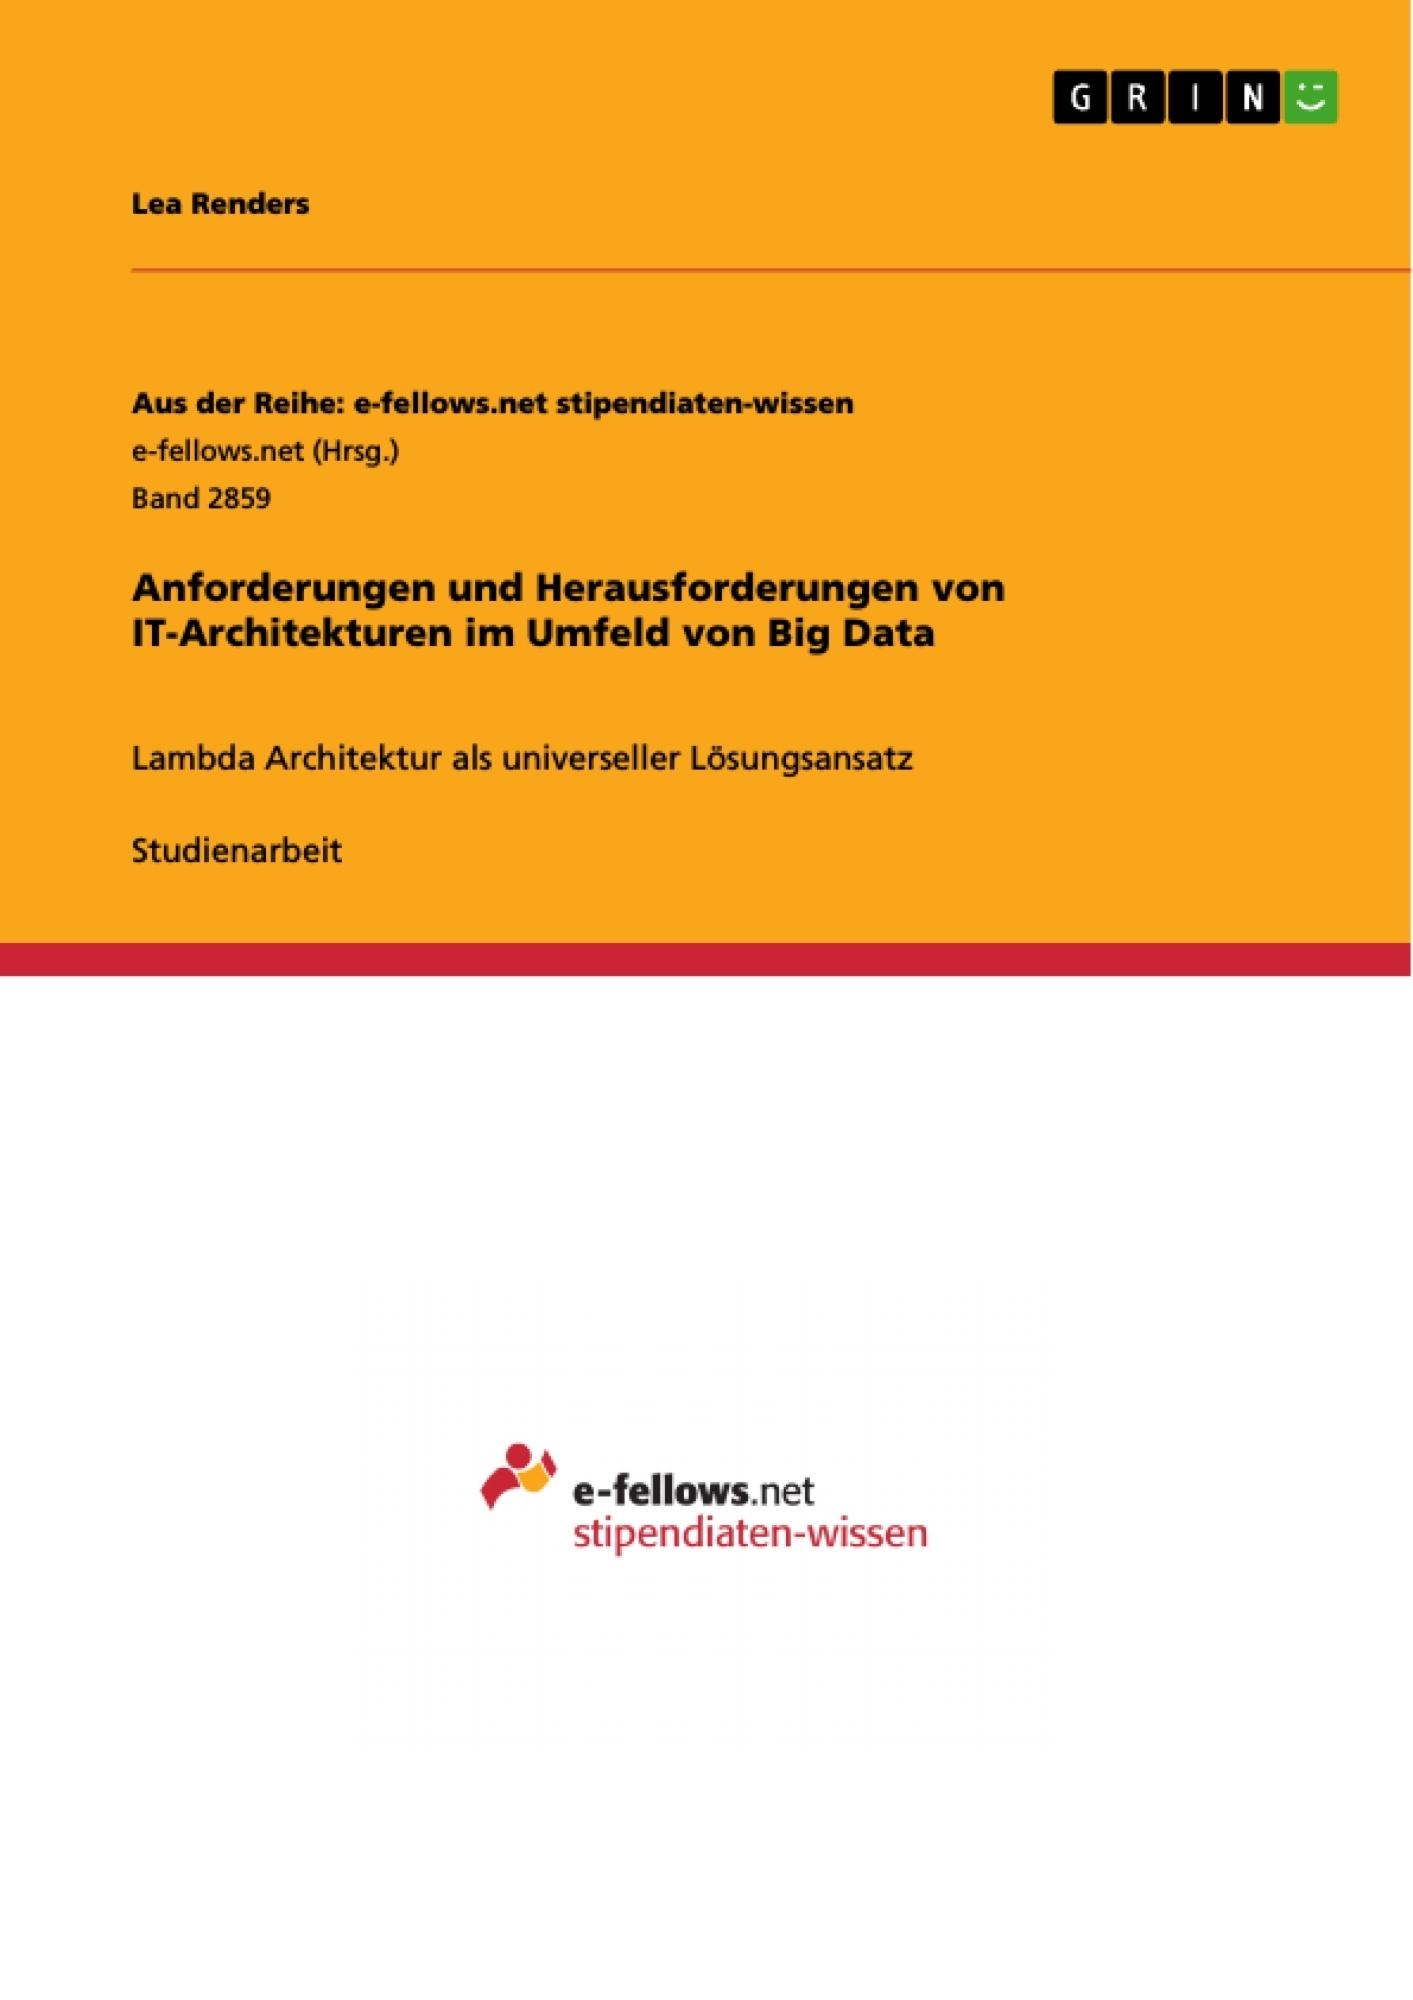 Titel: Anforderungen und Herausforderungen von IT-Architekturen im Umfeld von Big Data